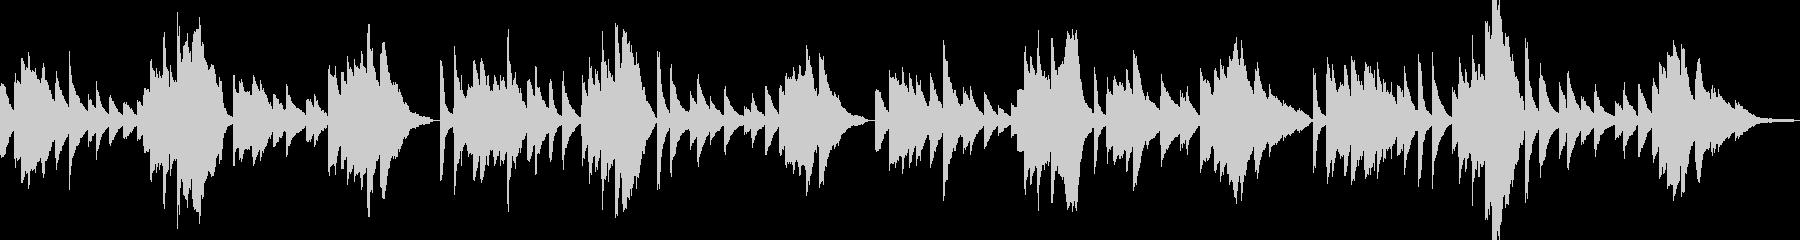 「蛍の光」ピアノアレンジ リバーブ足しの未再生の波形